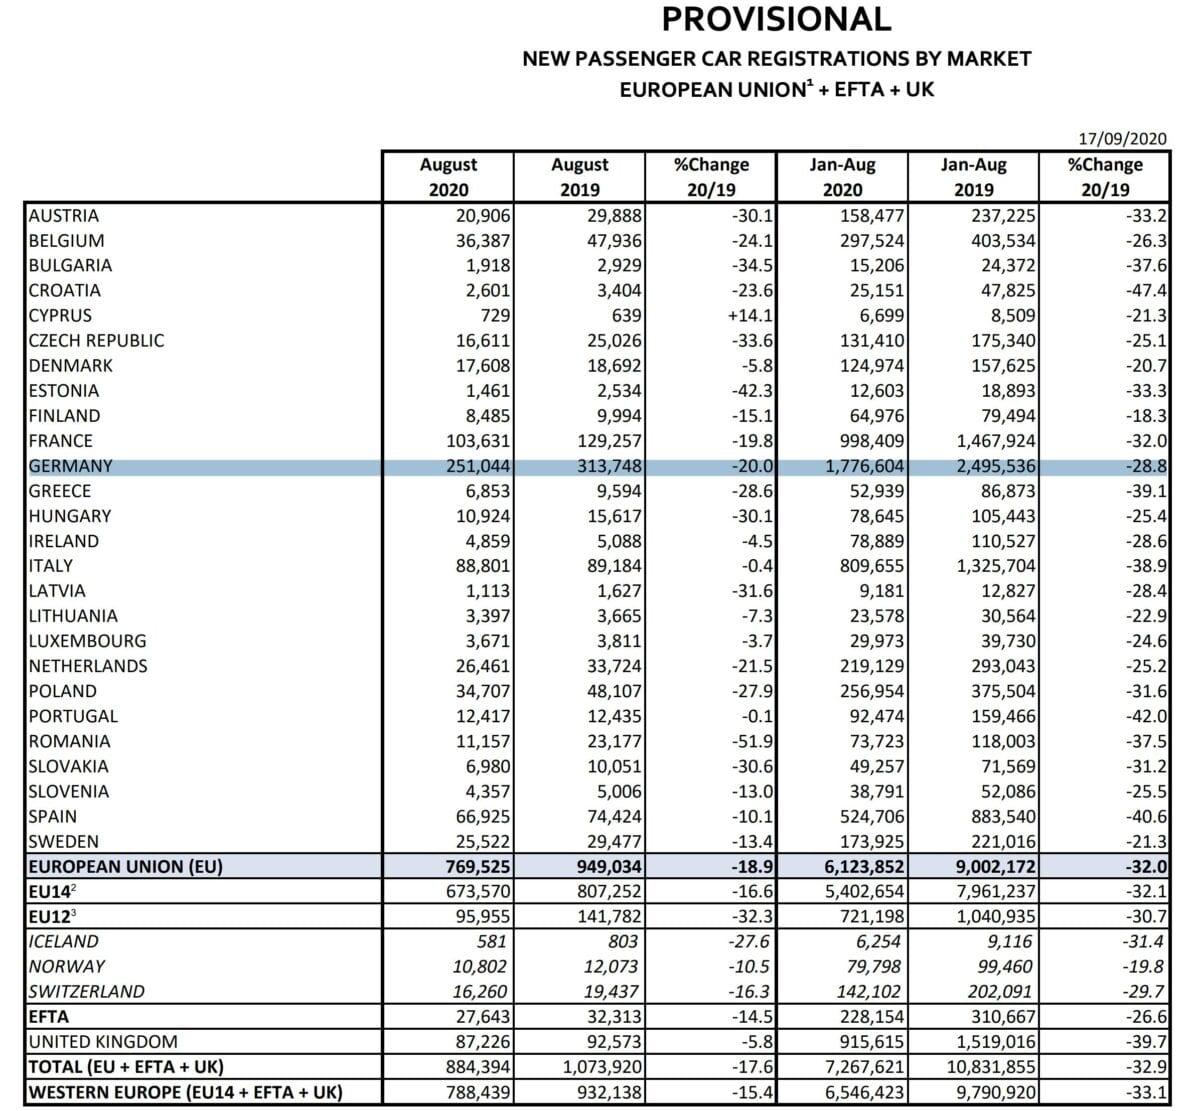 Detailstatistik zu Autozulassungen in der EU im August